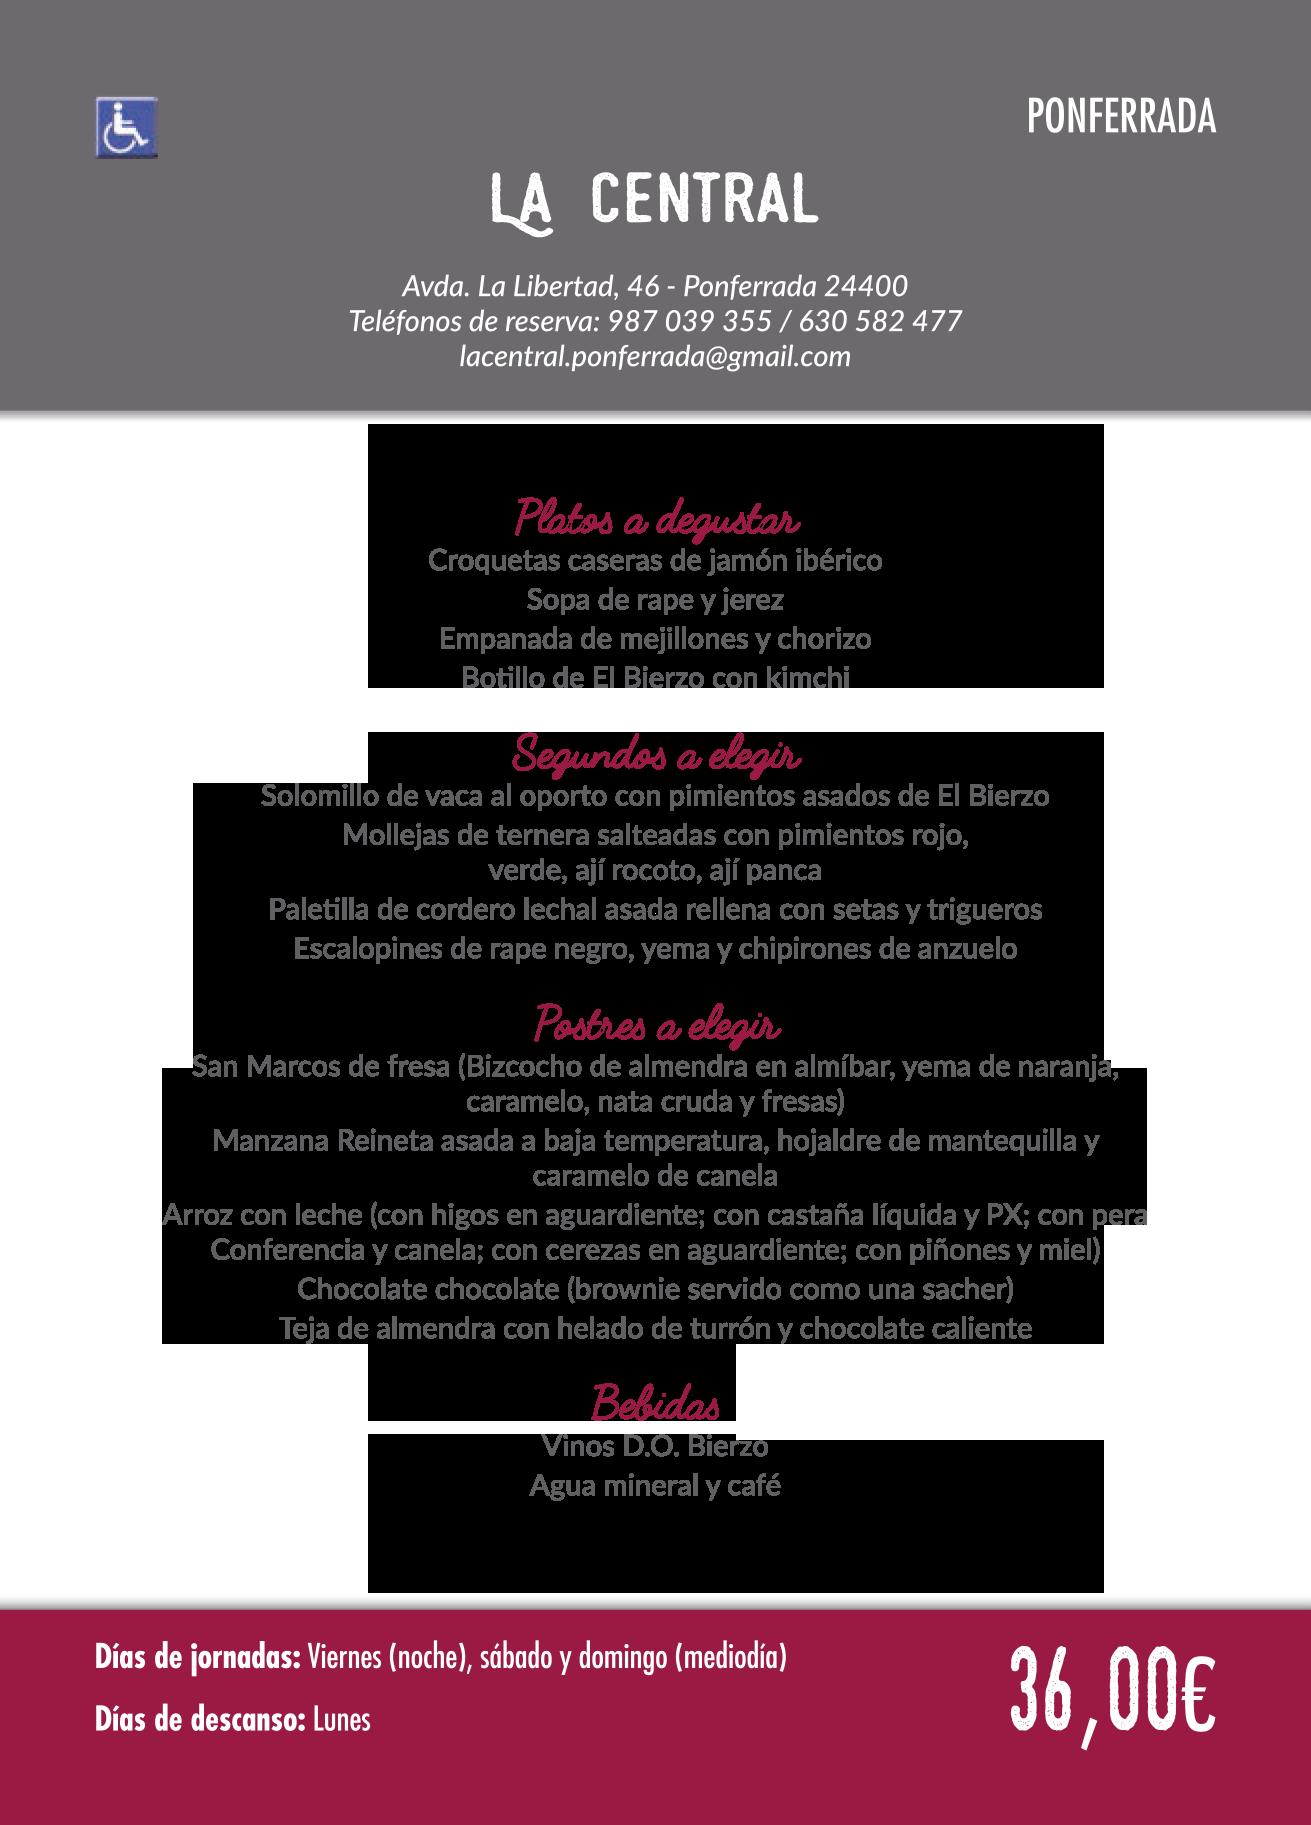 Las Jornadas Gastronómicas del Bierzo llegan a su 35 edición. Consulta los menús de esta edición 20